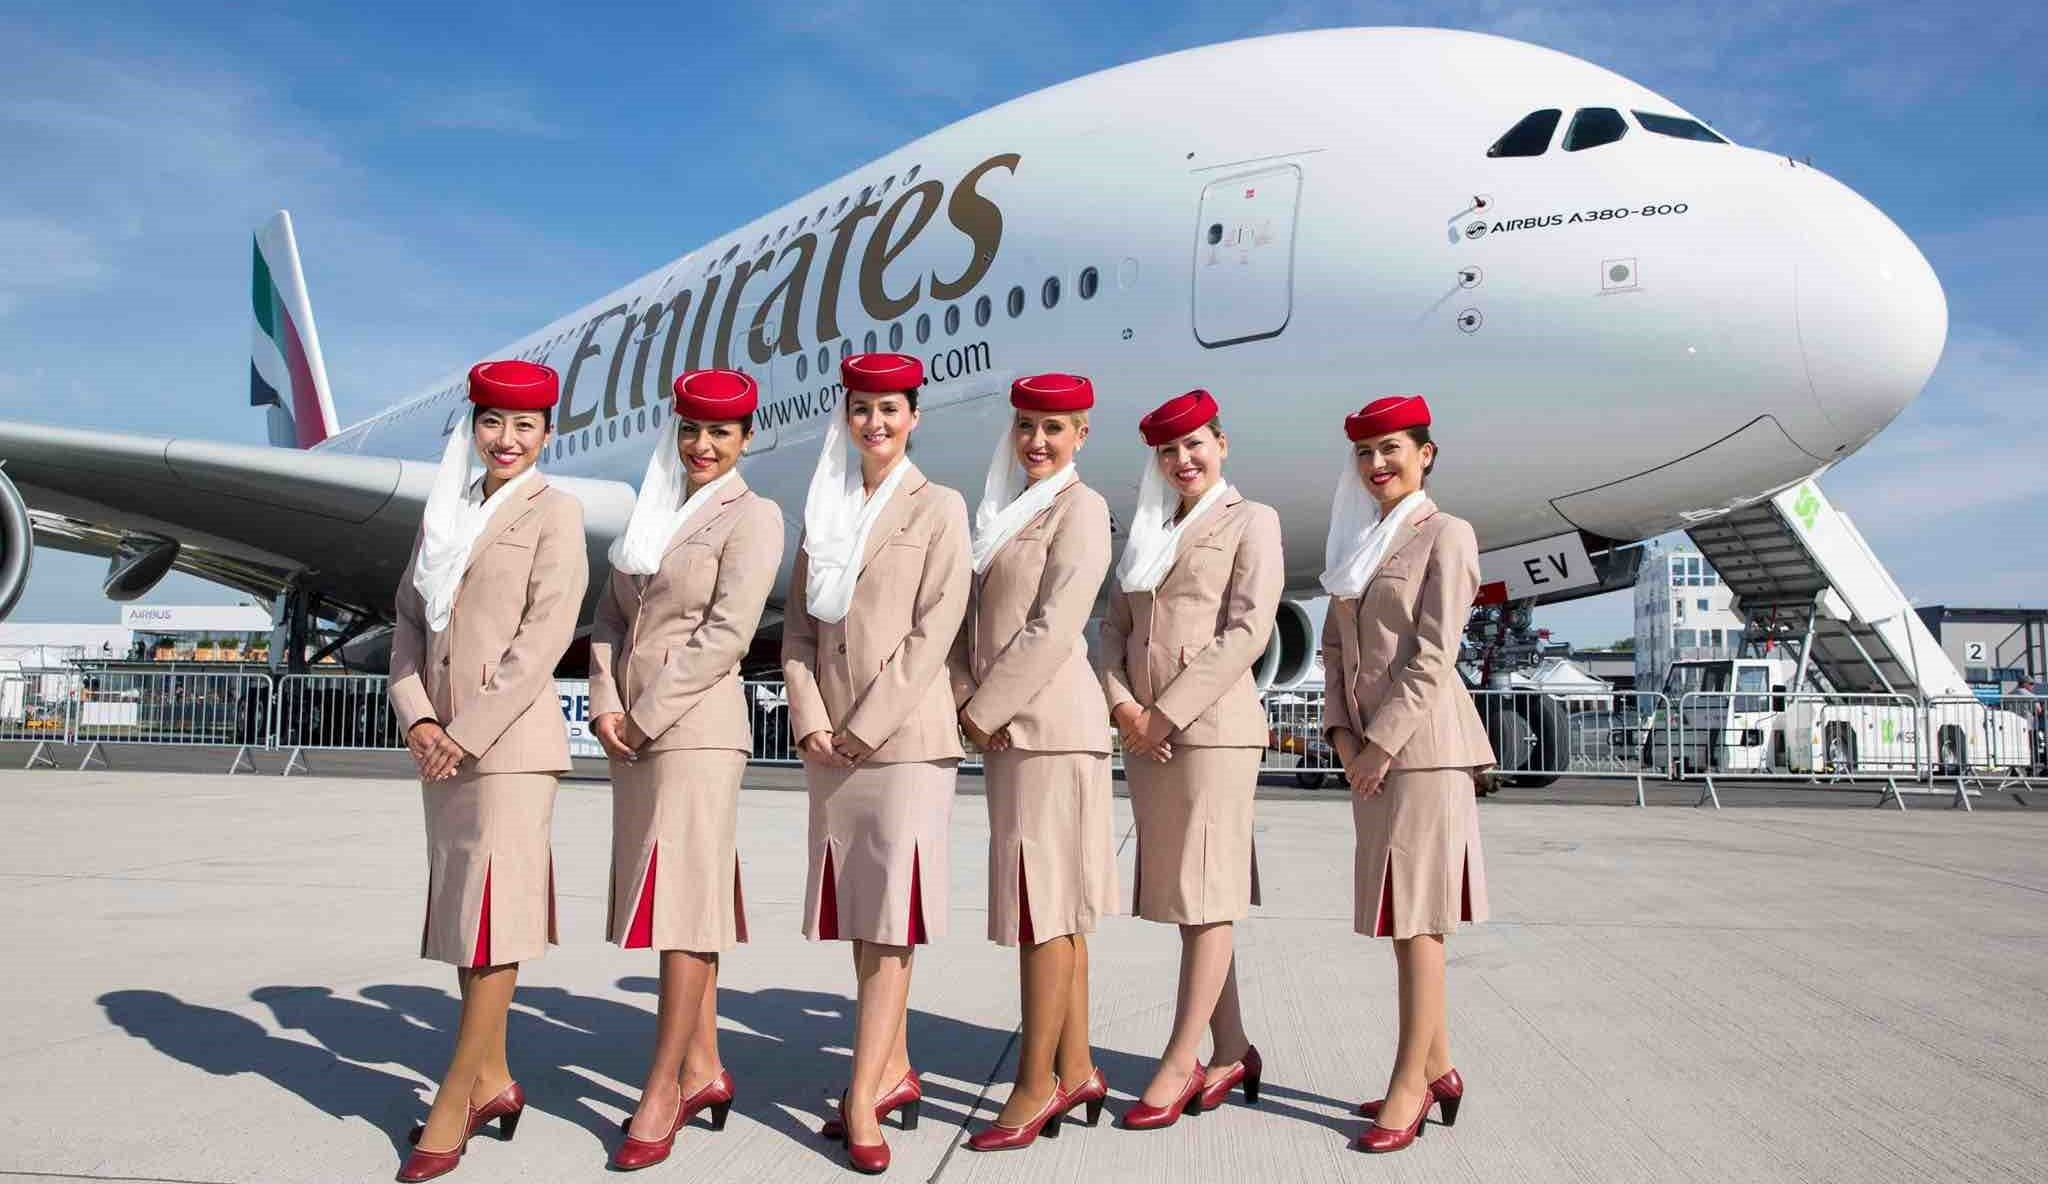 Phí đổi vé máy bay Emirates bao nhiêu?